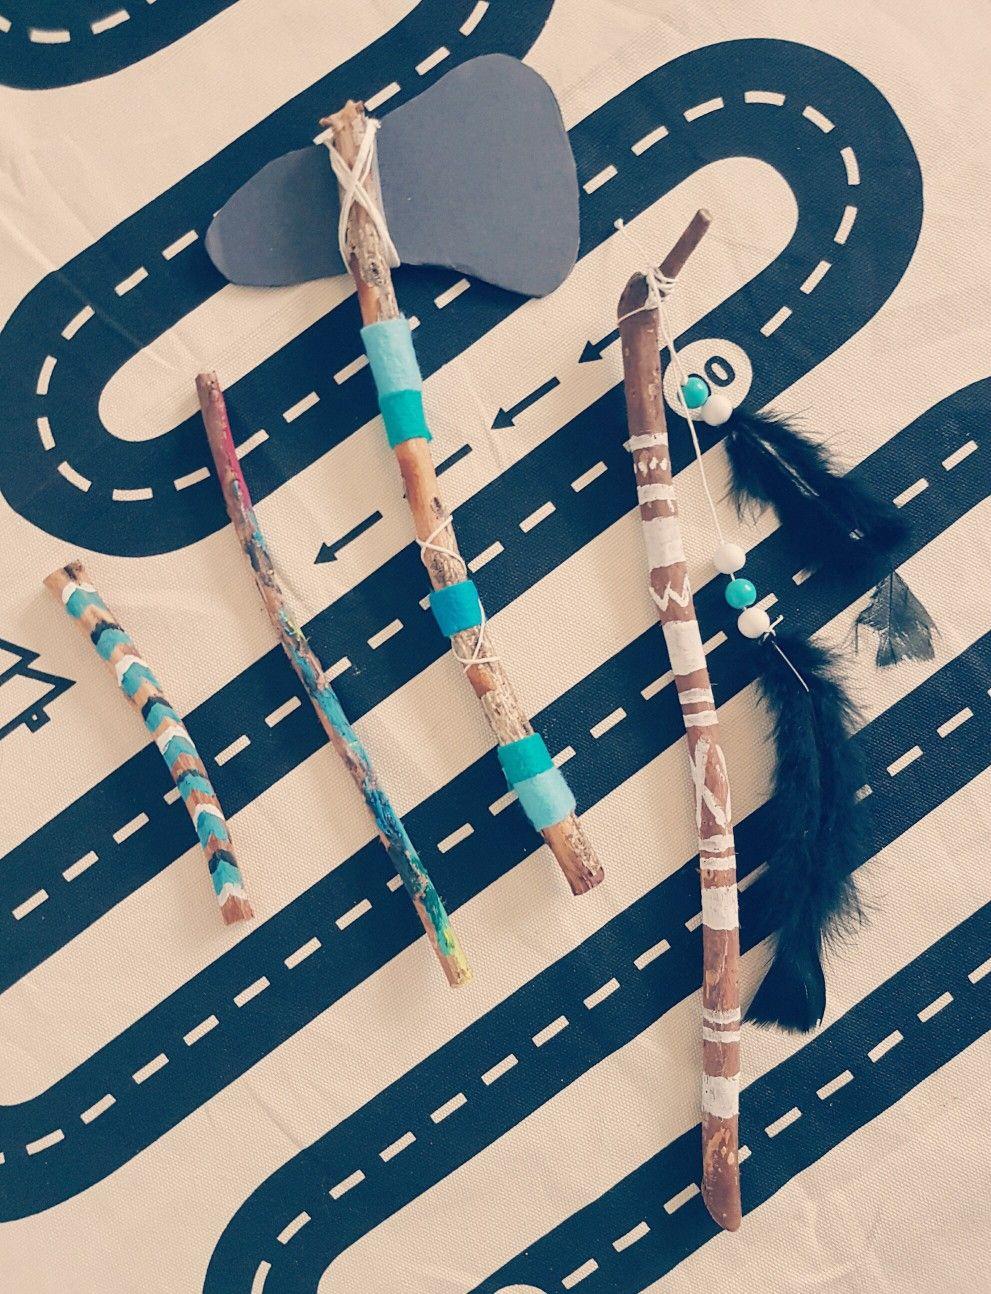 Stöcke, Farbe, Indianer, DiY# | LeosMum☆ | Pinterest | Stöcke ...